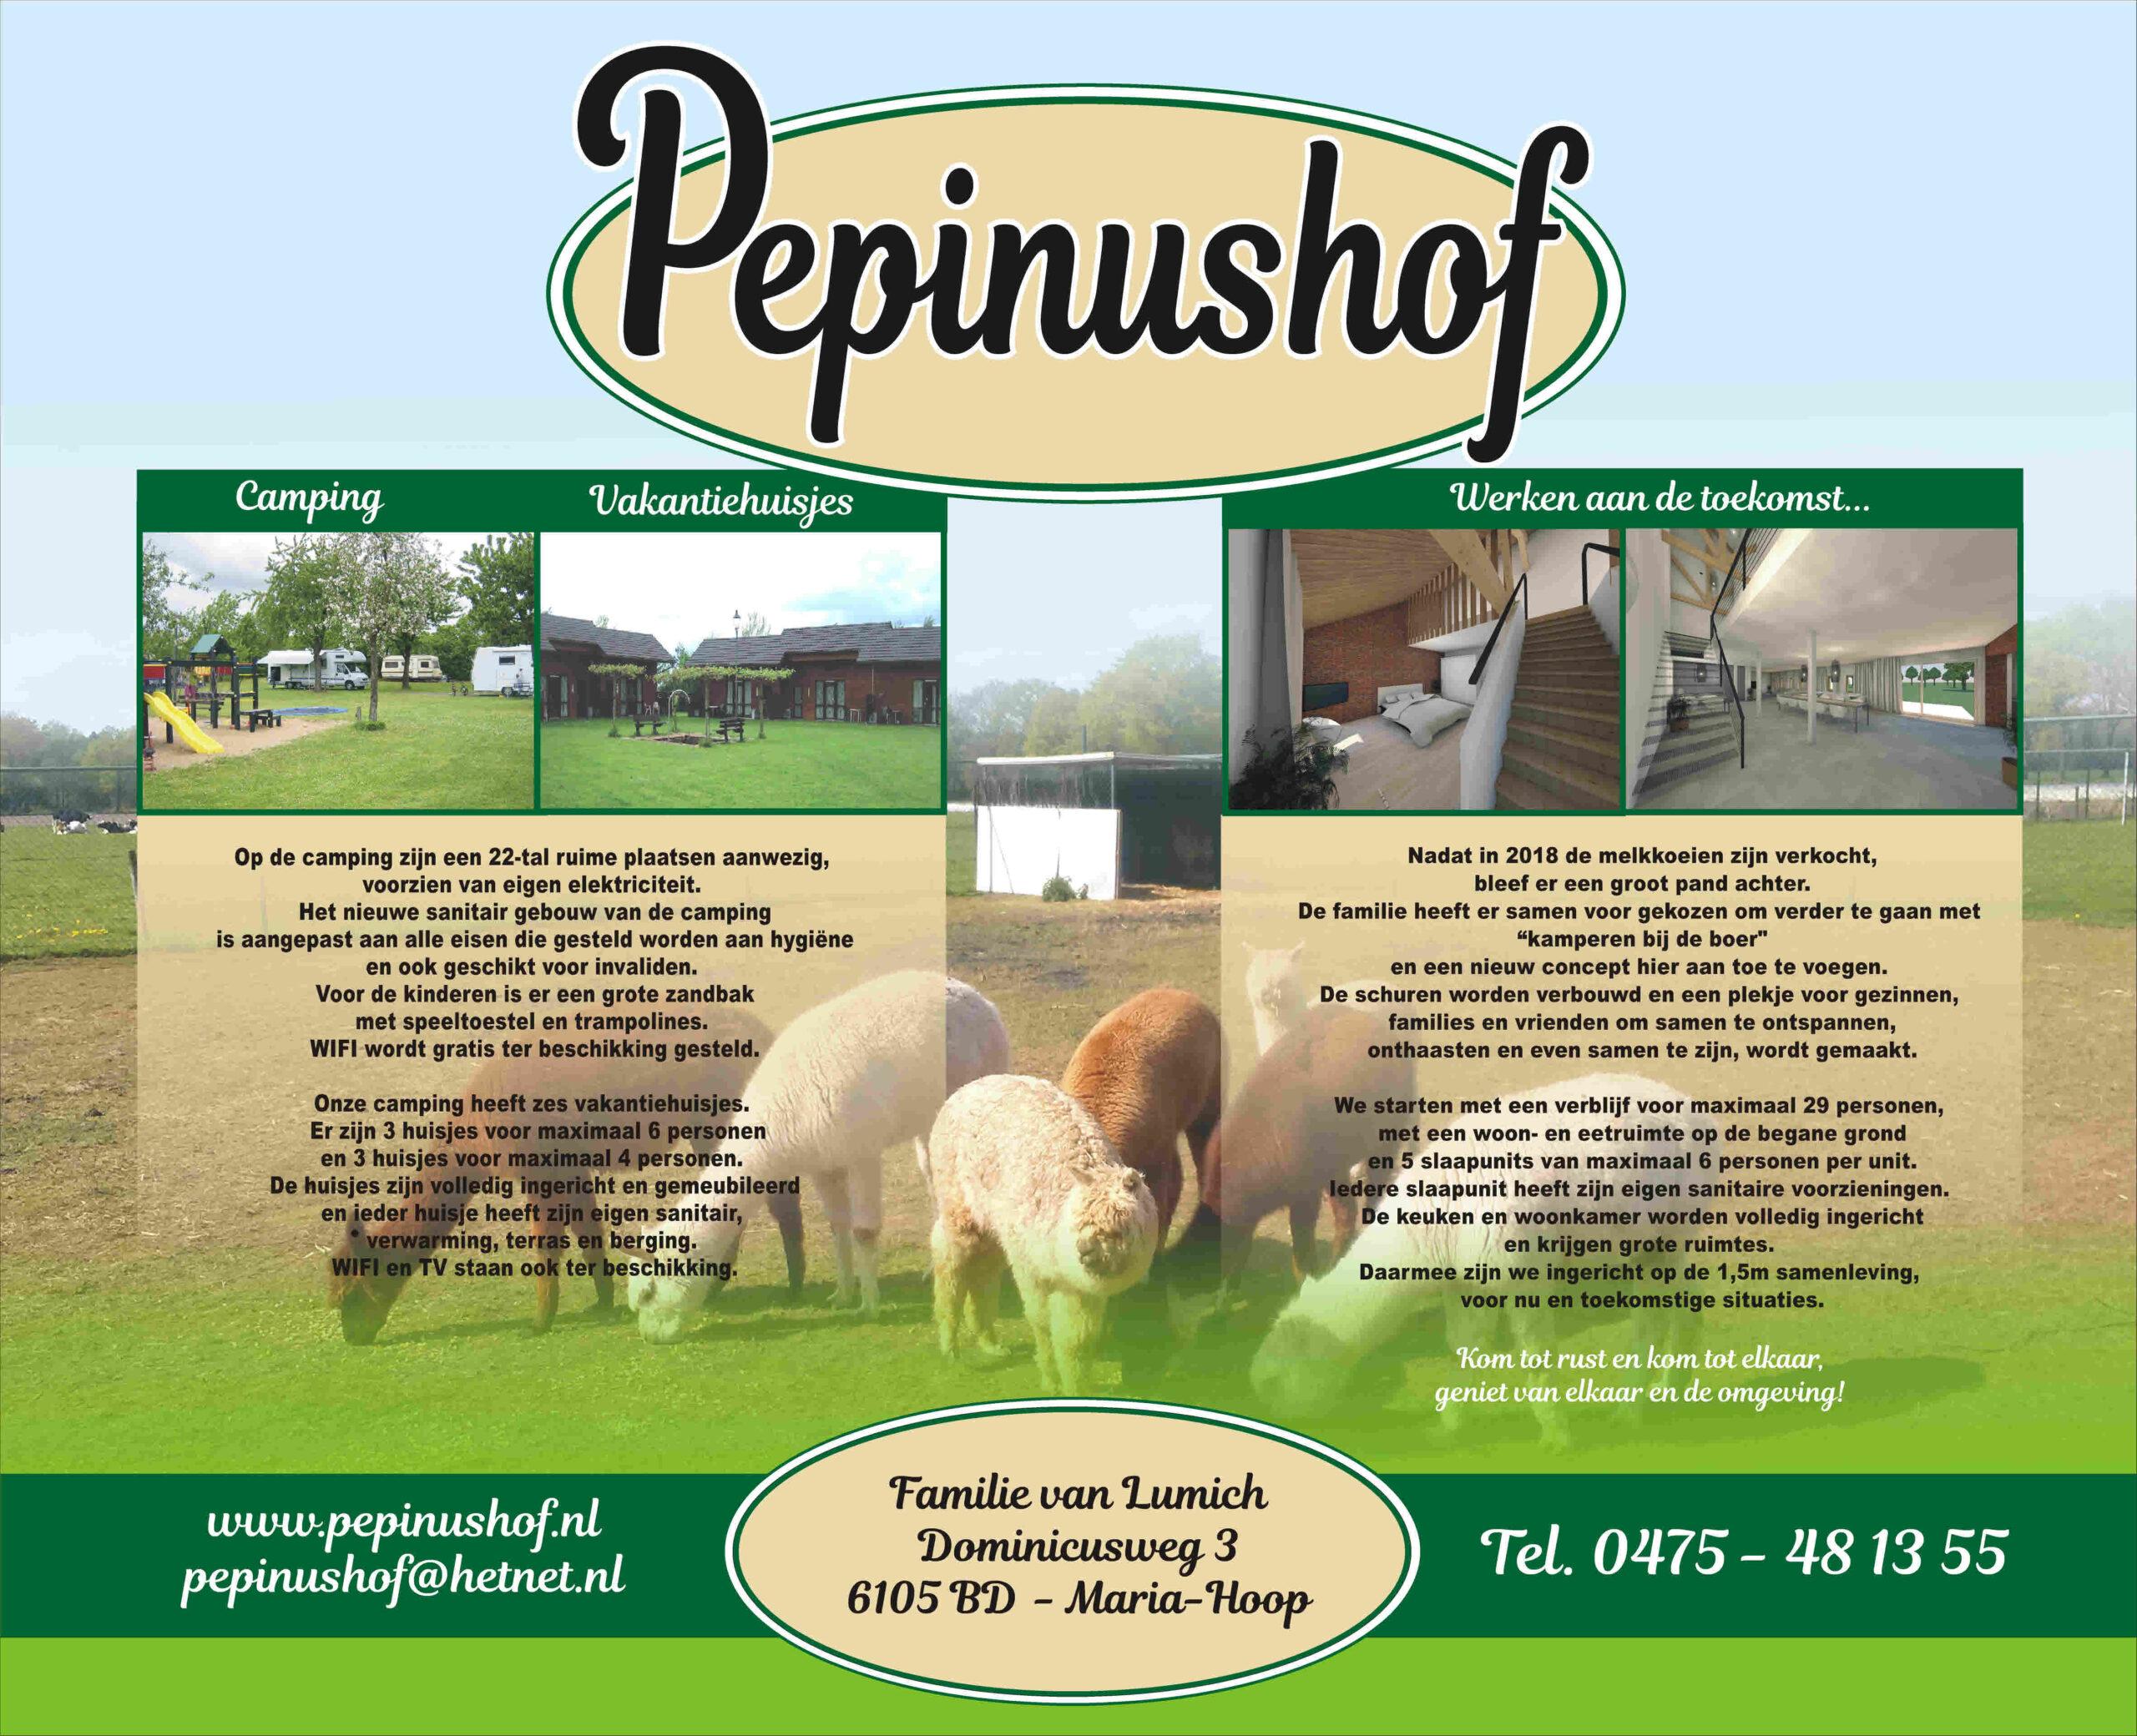 Toekomst Boerderijcamping pepinushof